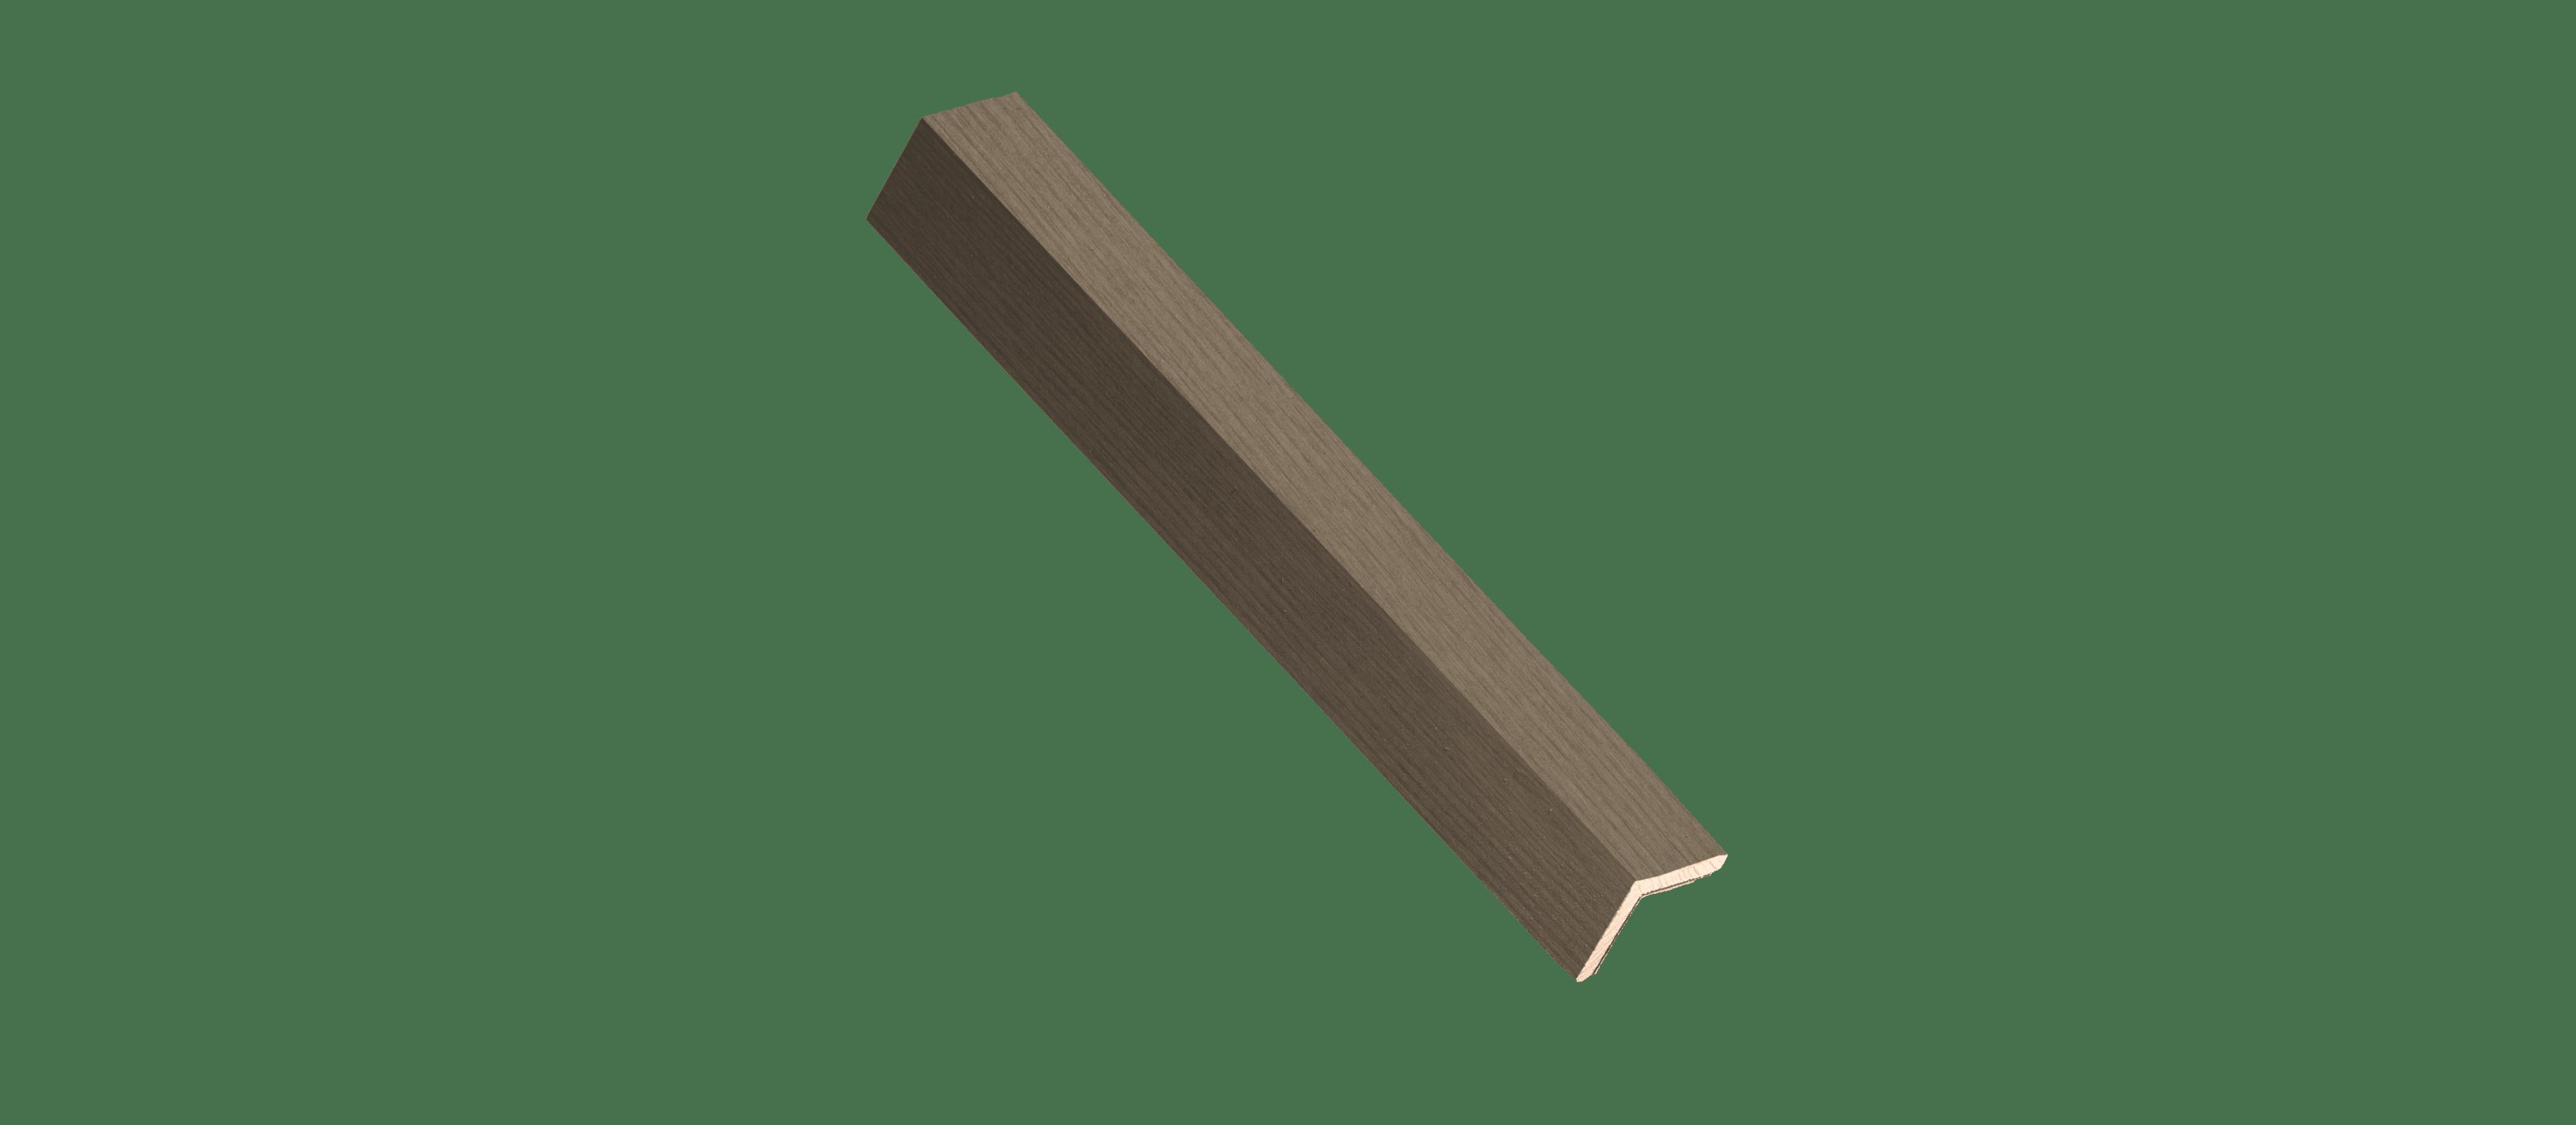 Vertical Grain Rustic Slate Wood Corner Trim Sample